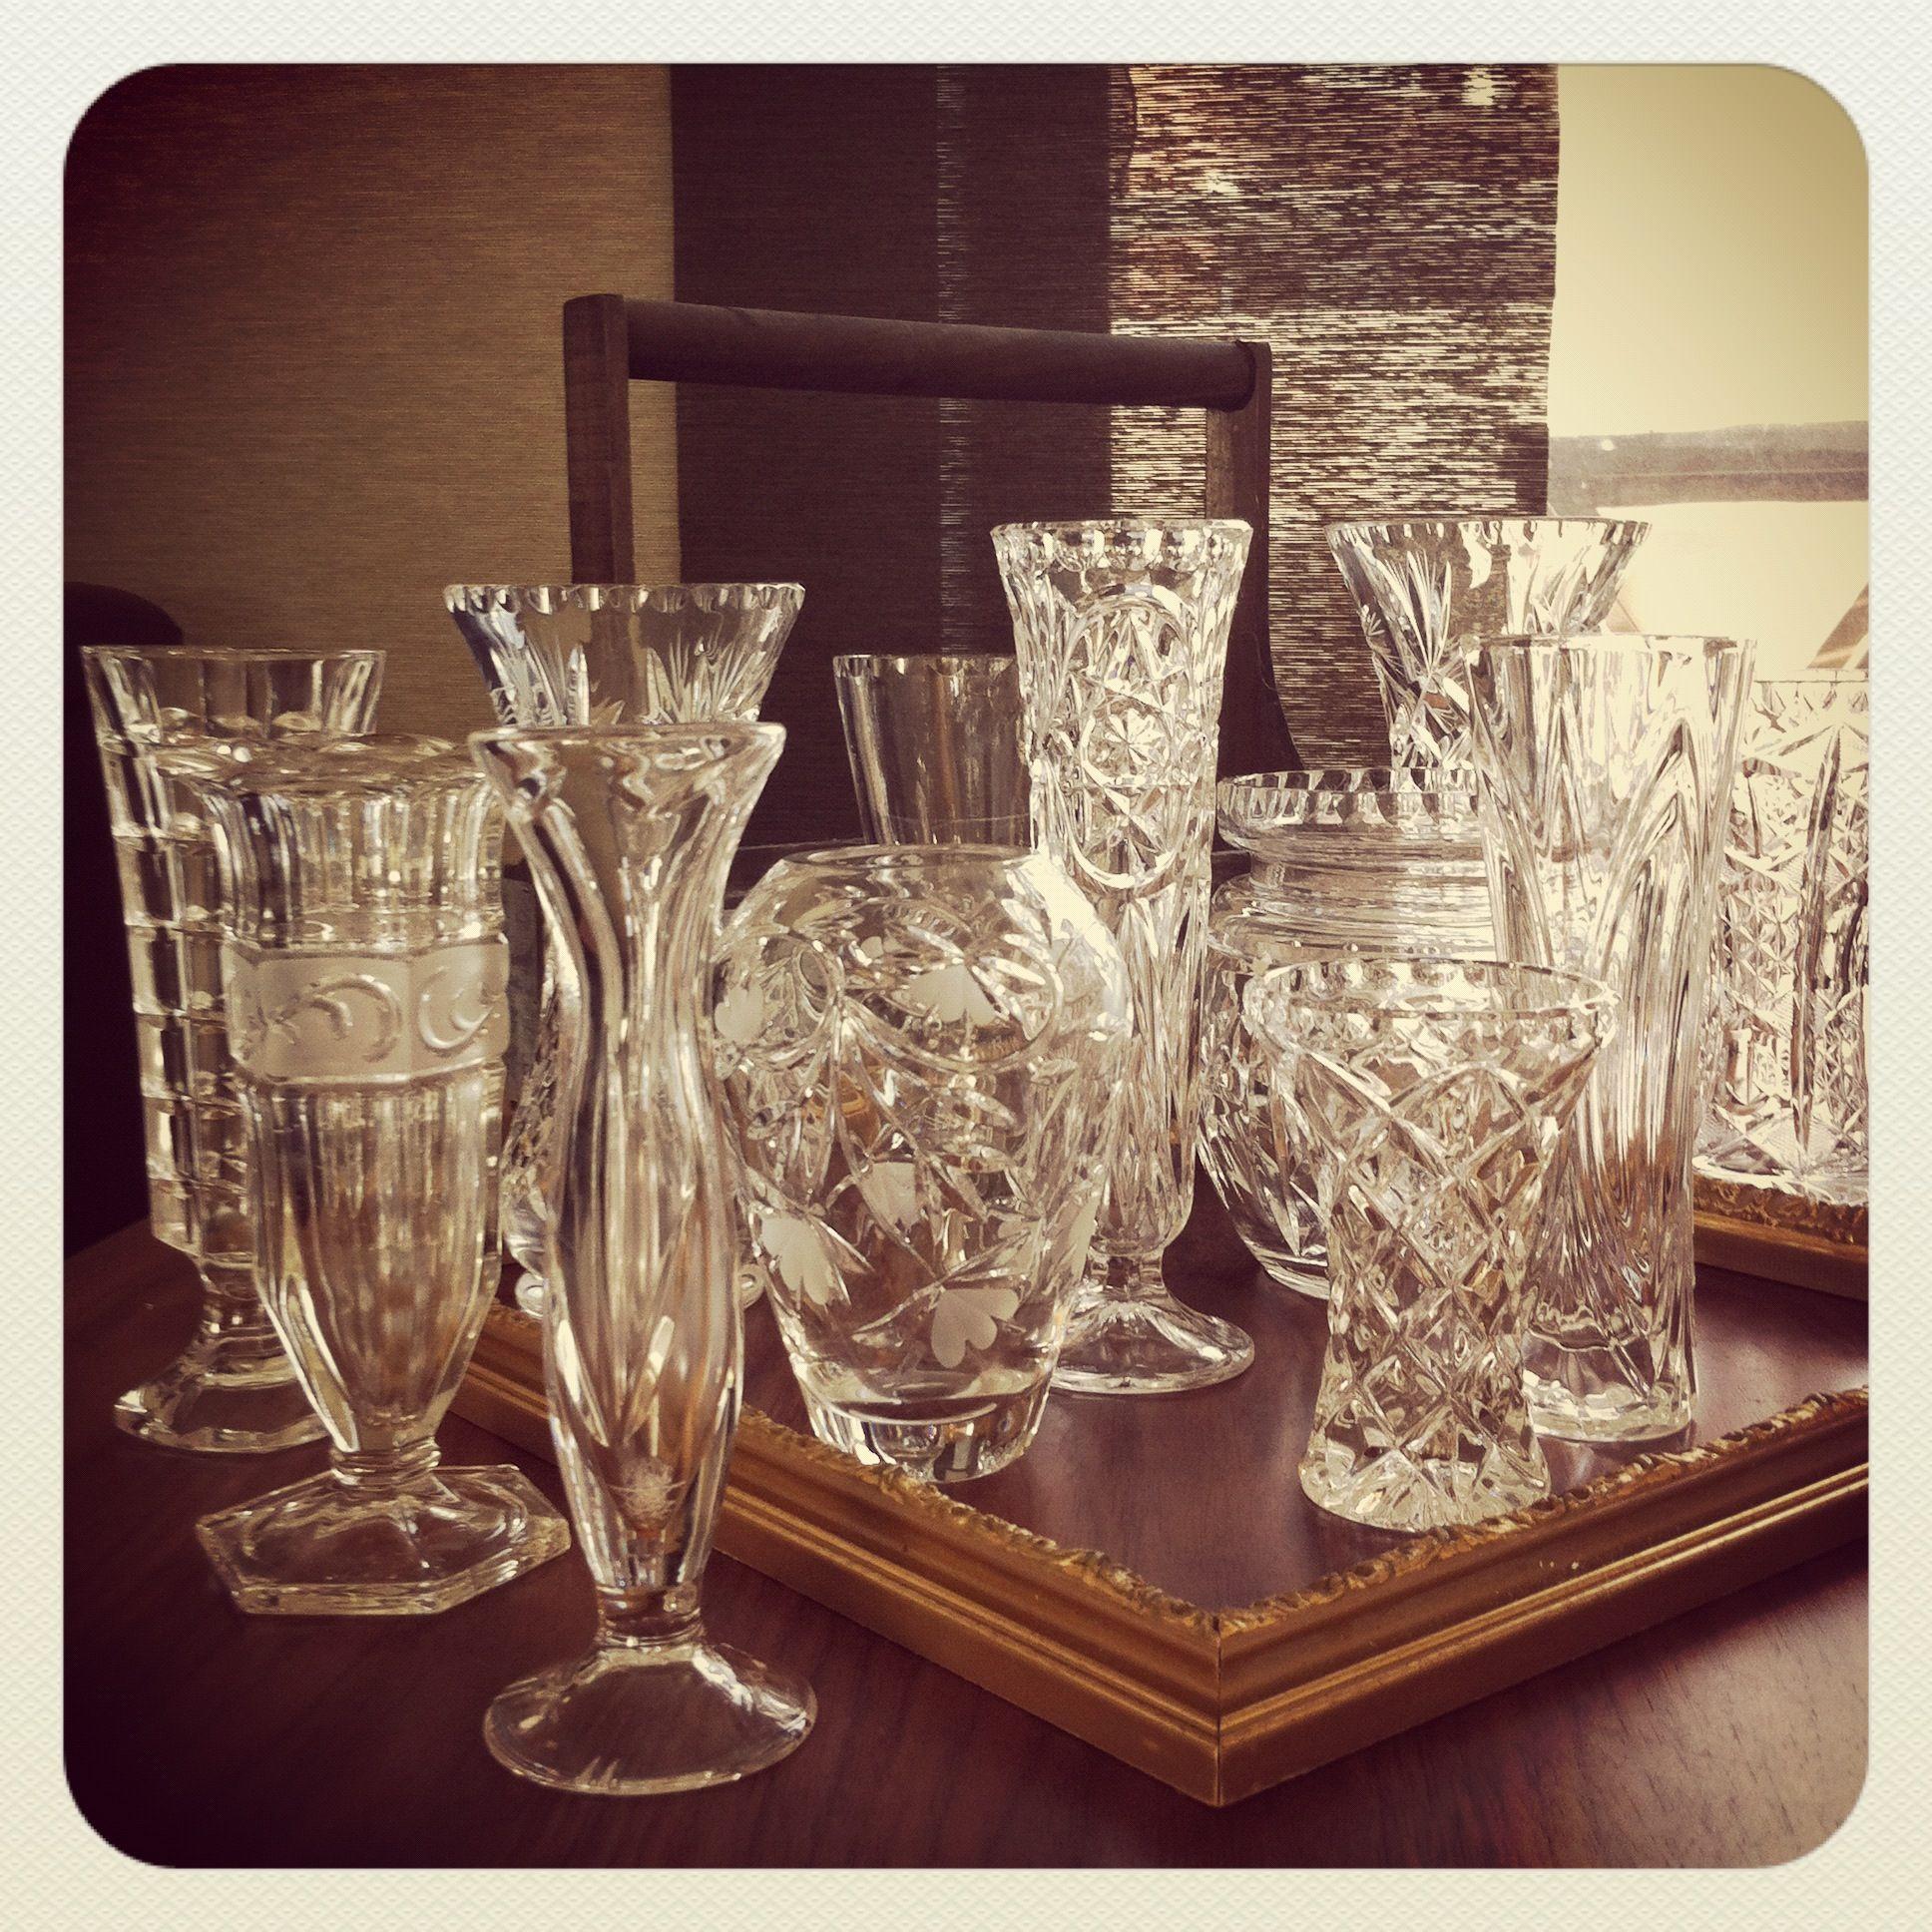 waterford crystal vase price of 19 elegant types of antique glass vases bogekompresorturkiye com for hire vintage glassware for your wedding